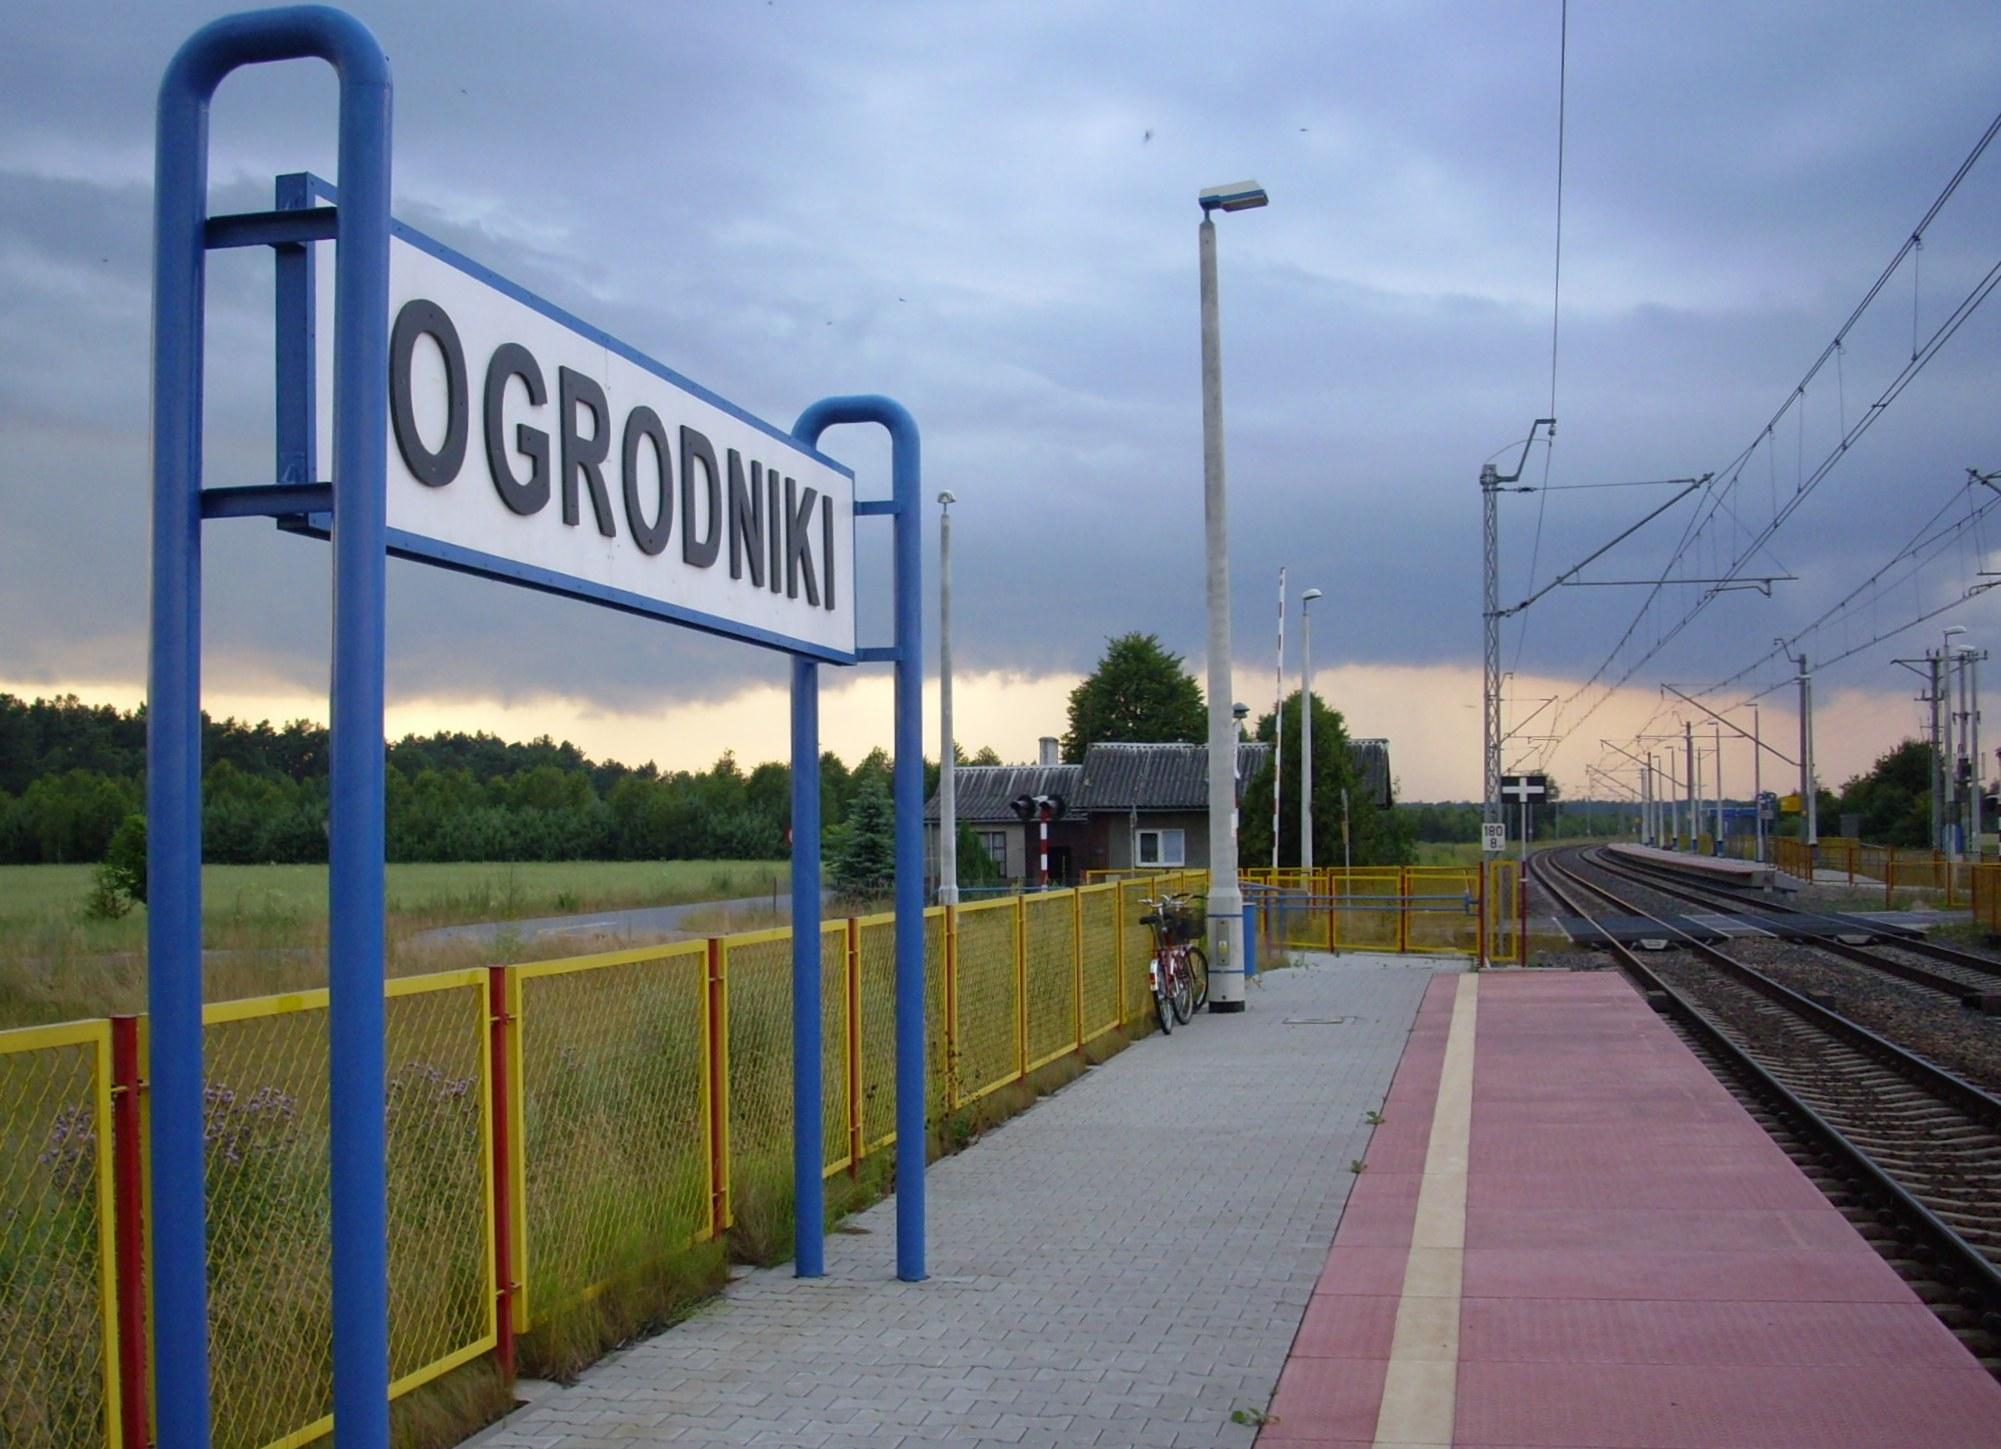 Ogrodnikų geležinkelio stotelė